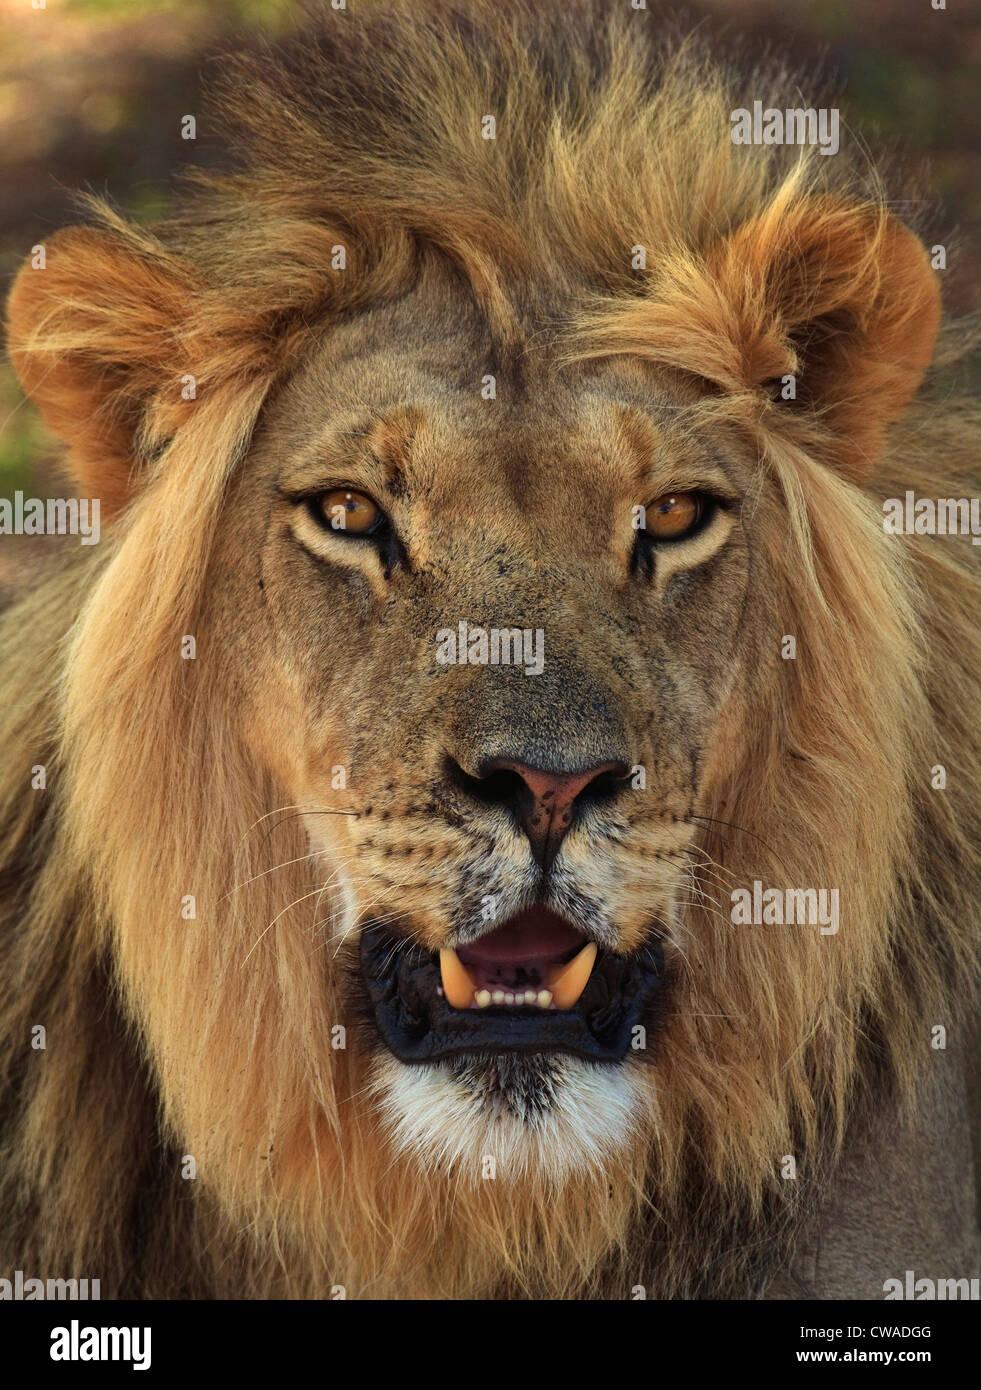 Retrato de León, el Parque Transfronterizo Kgalagadi, África Imagen De Stock